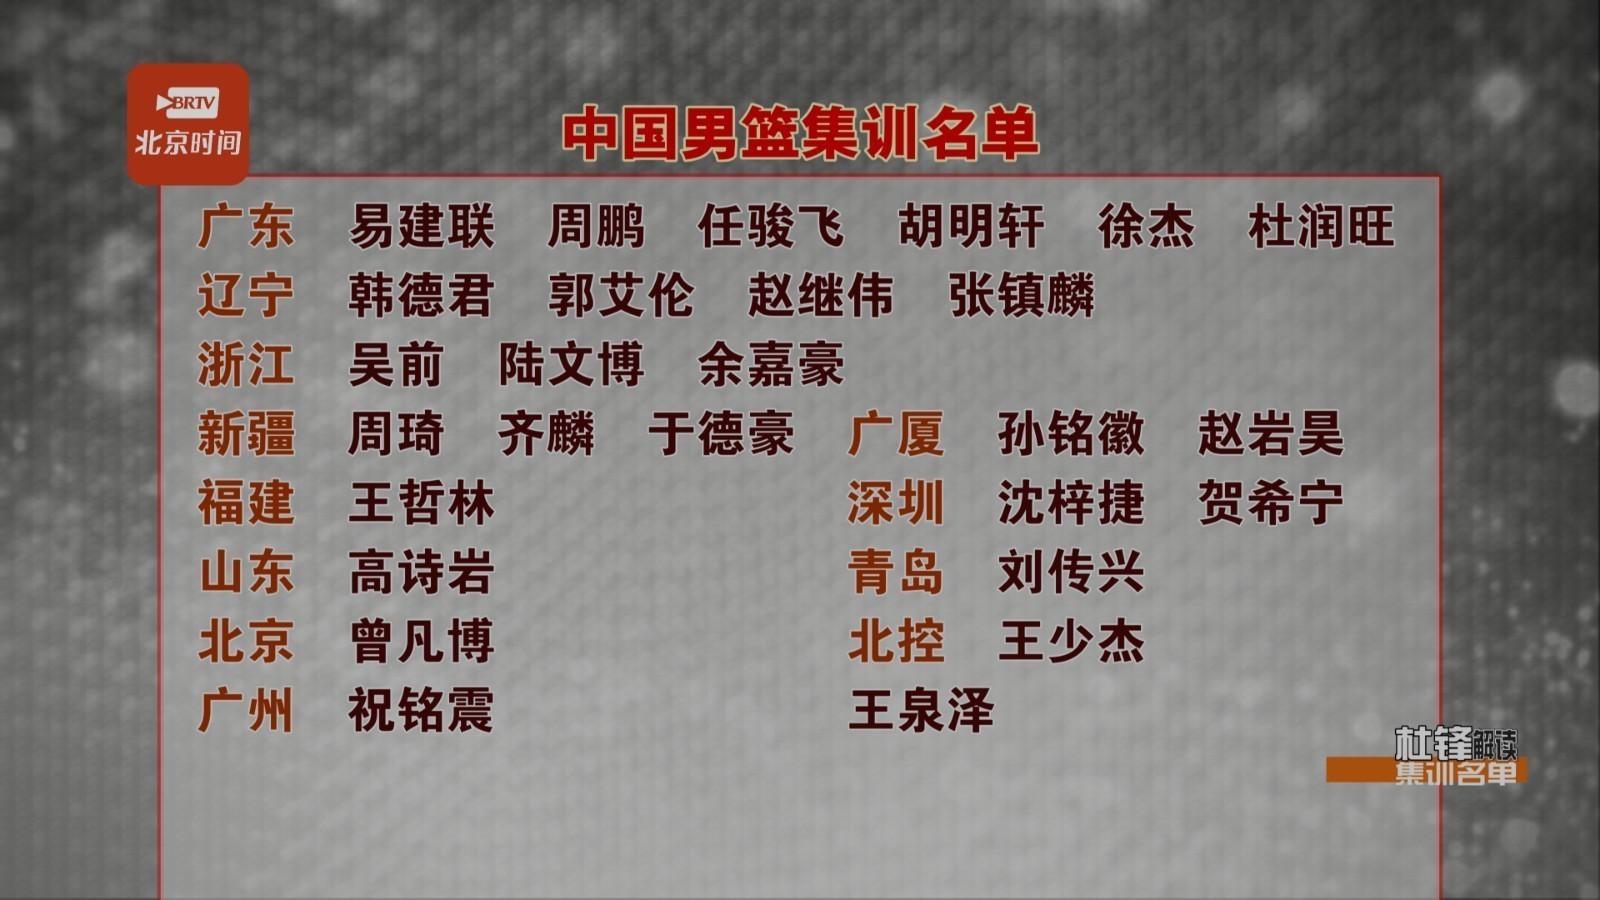 杜锋解读男篮集训名单 易建联在国家队舞台完成复出令人期待